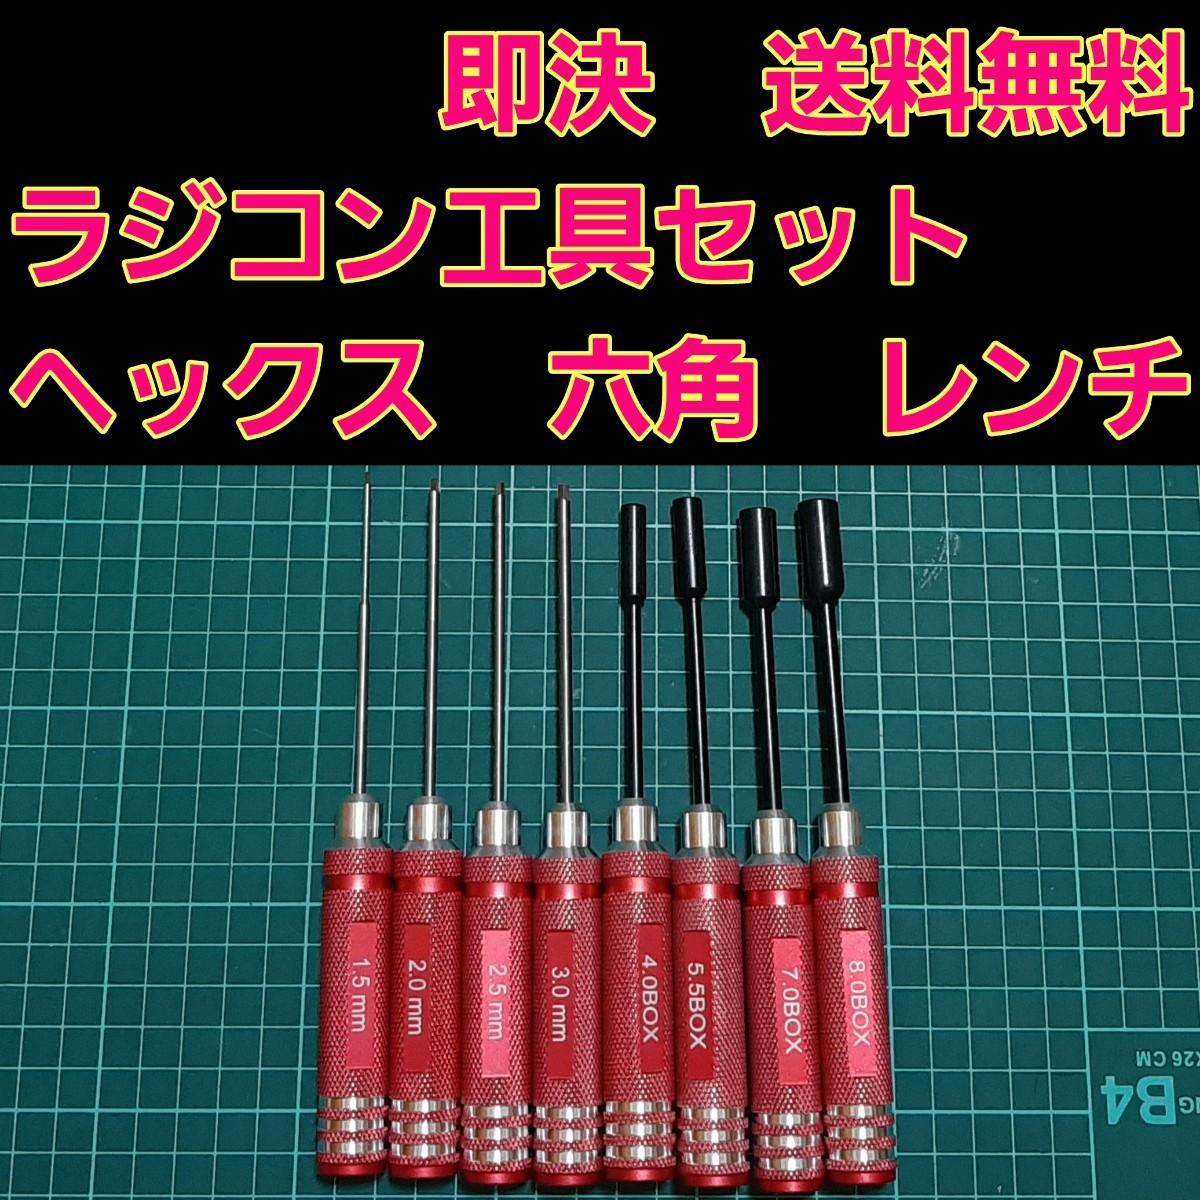 六角レンチ 六角boxソケット ドライバー 8本セット  赤  ラジコン YD-2 ドリパケ tt01 tt02 タミヤ  HPI